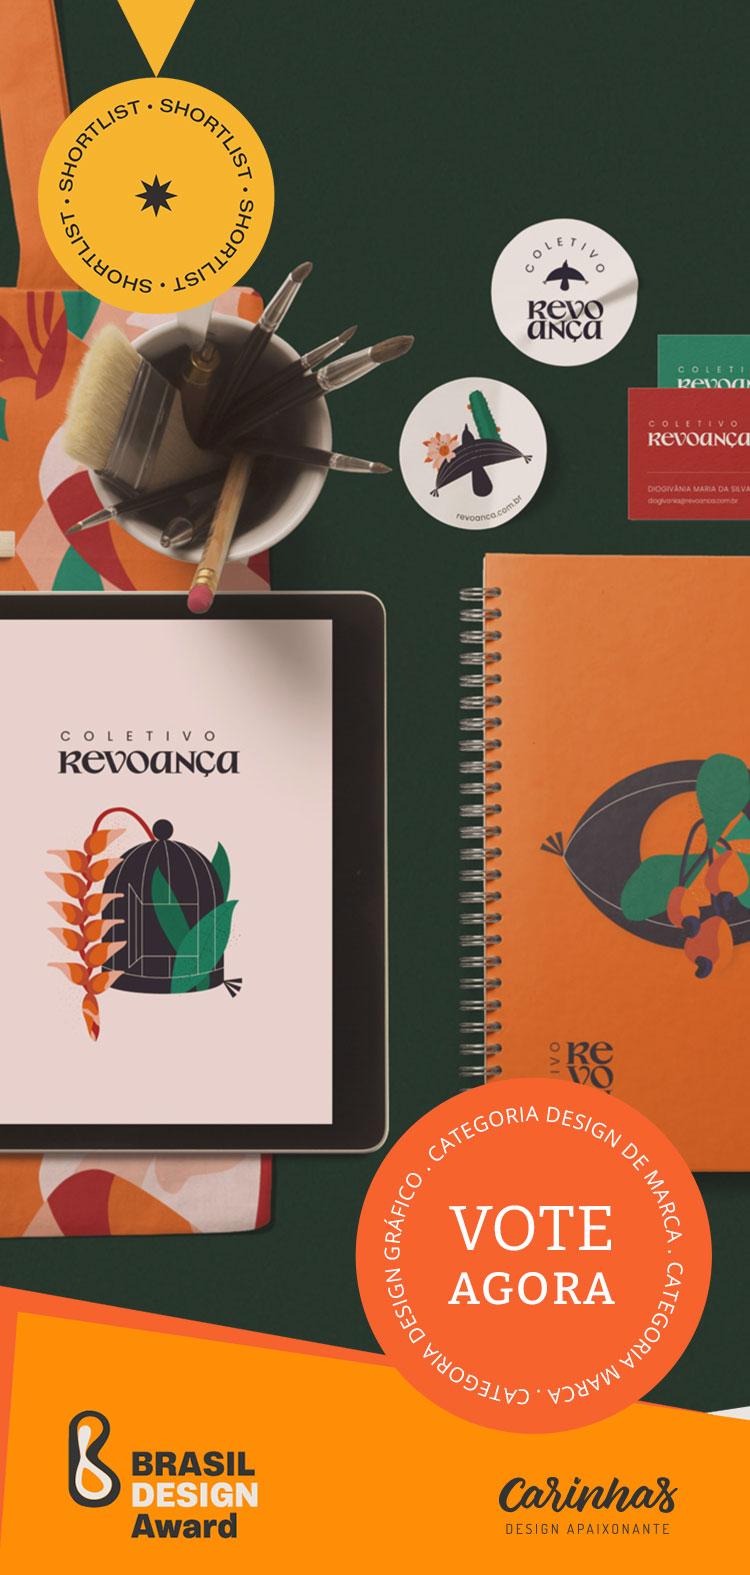 Vote agora: Brasil Design Award